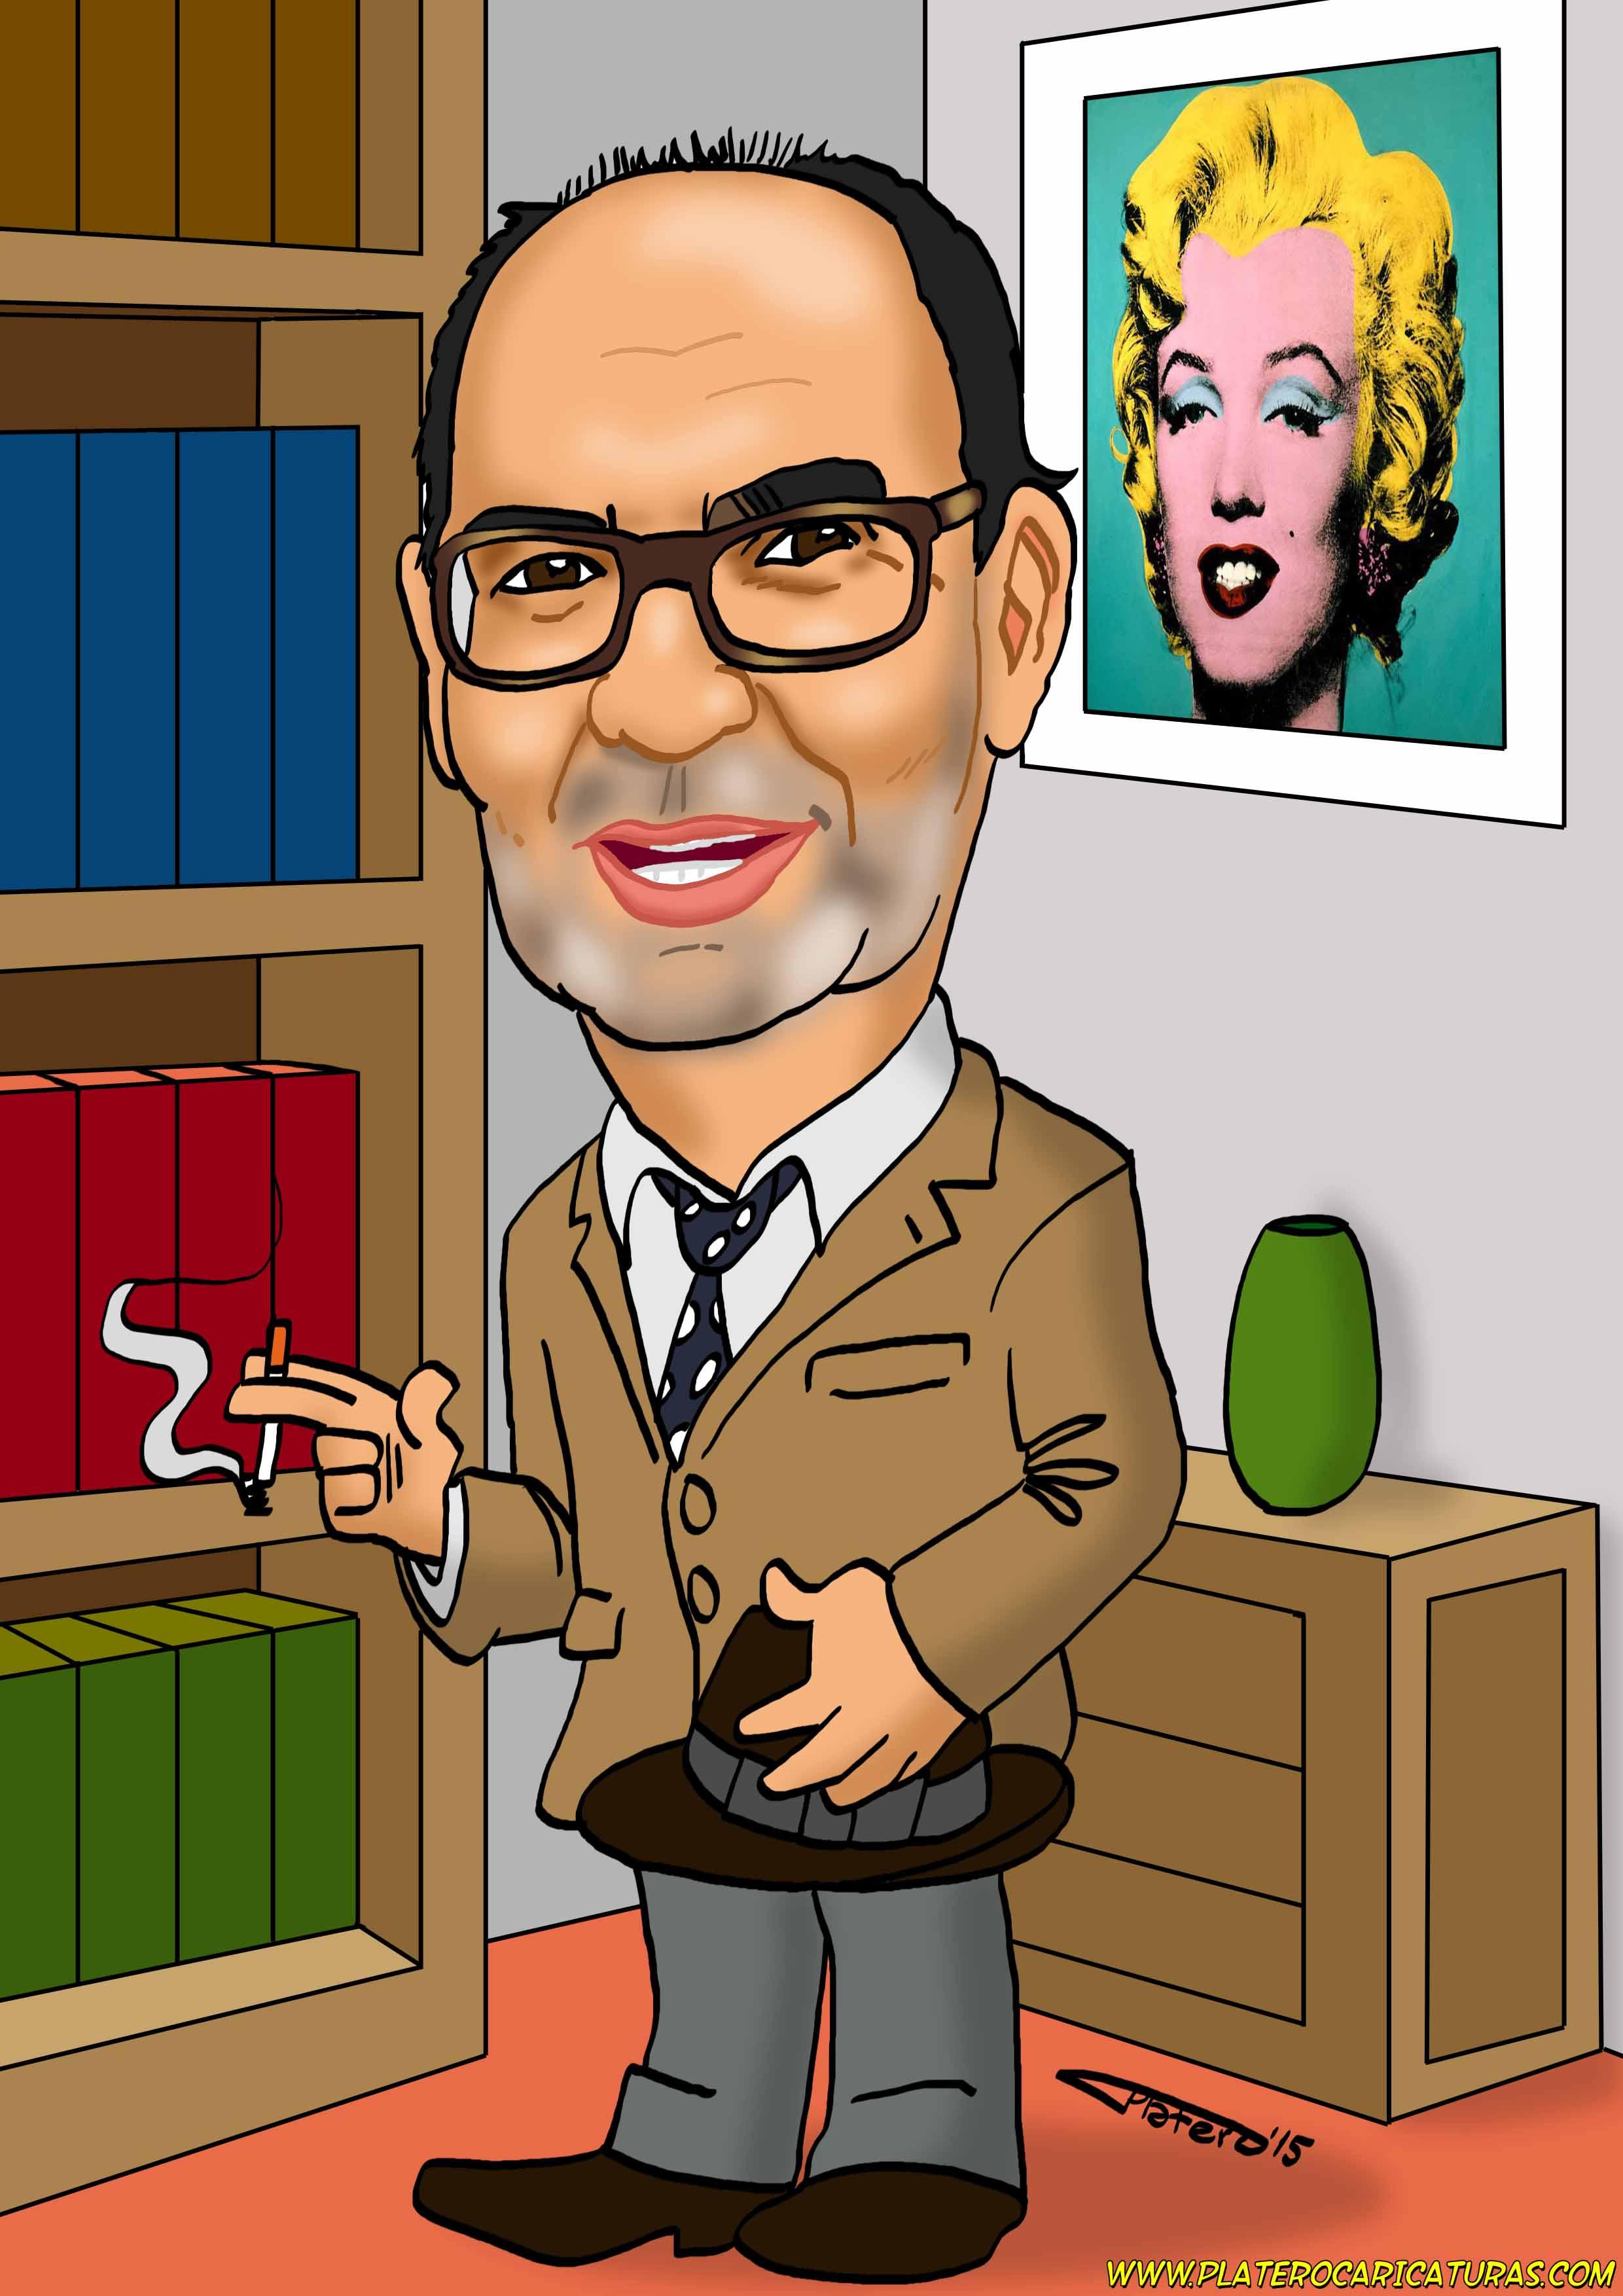 caricaturas_a_color_por_encargo_personalizadas_hombre_con_sombrero_platerocarica